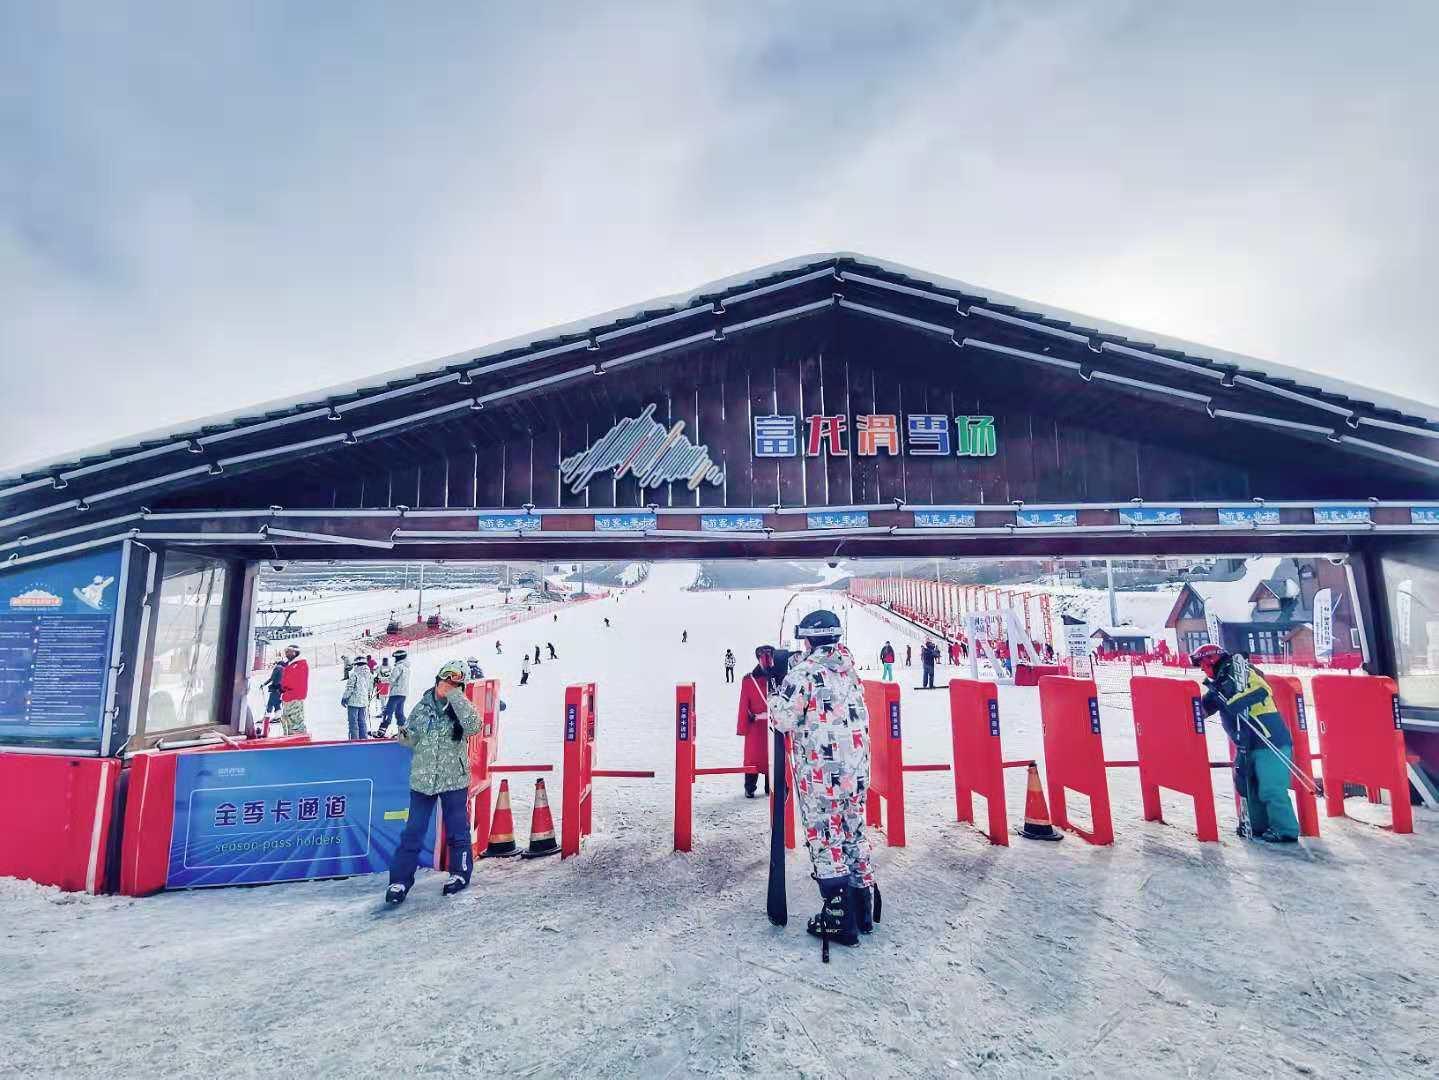 崇礼富龙滑雪场游玩攻略、富龙滑雪场门票预订、门票价格